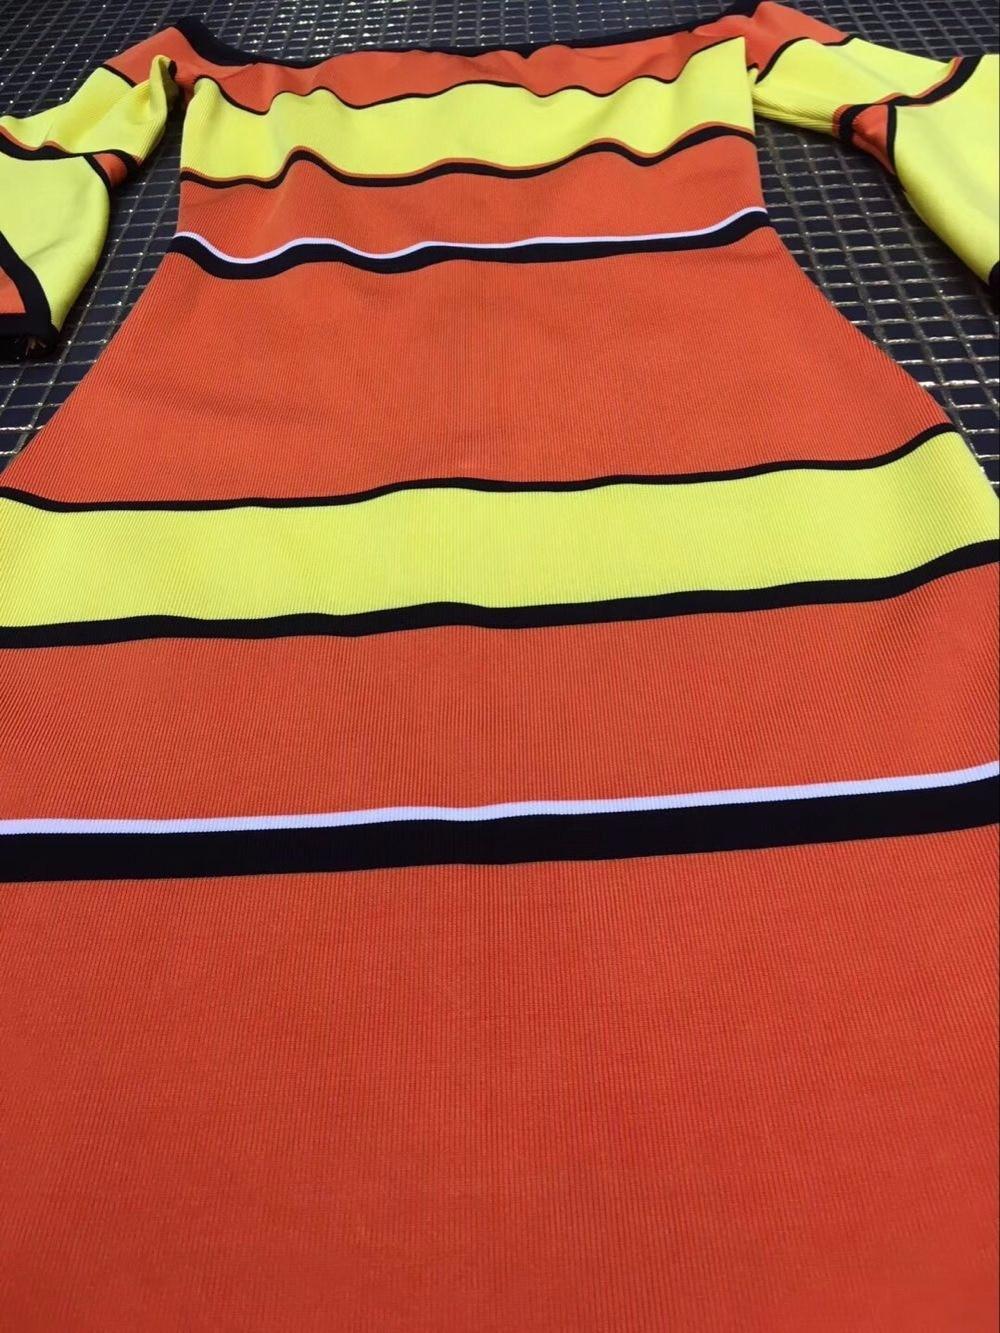 Arancione Fasciatura Neck Alta A Party 58 Slash Rayon Cocktail Più Aderente Strisce Vestito Qualità L Nuova Dalla HqCqX4